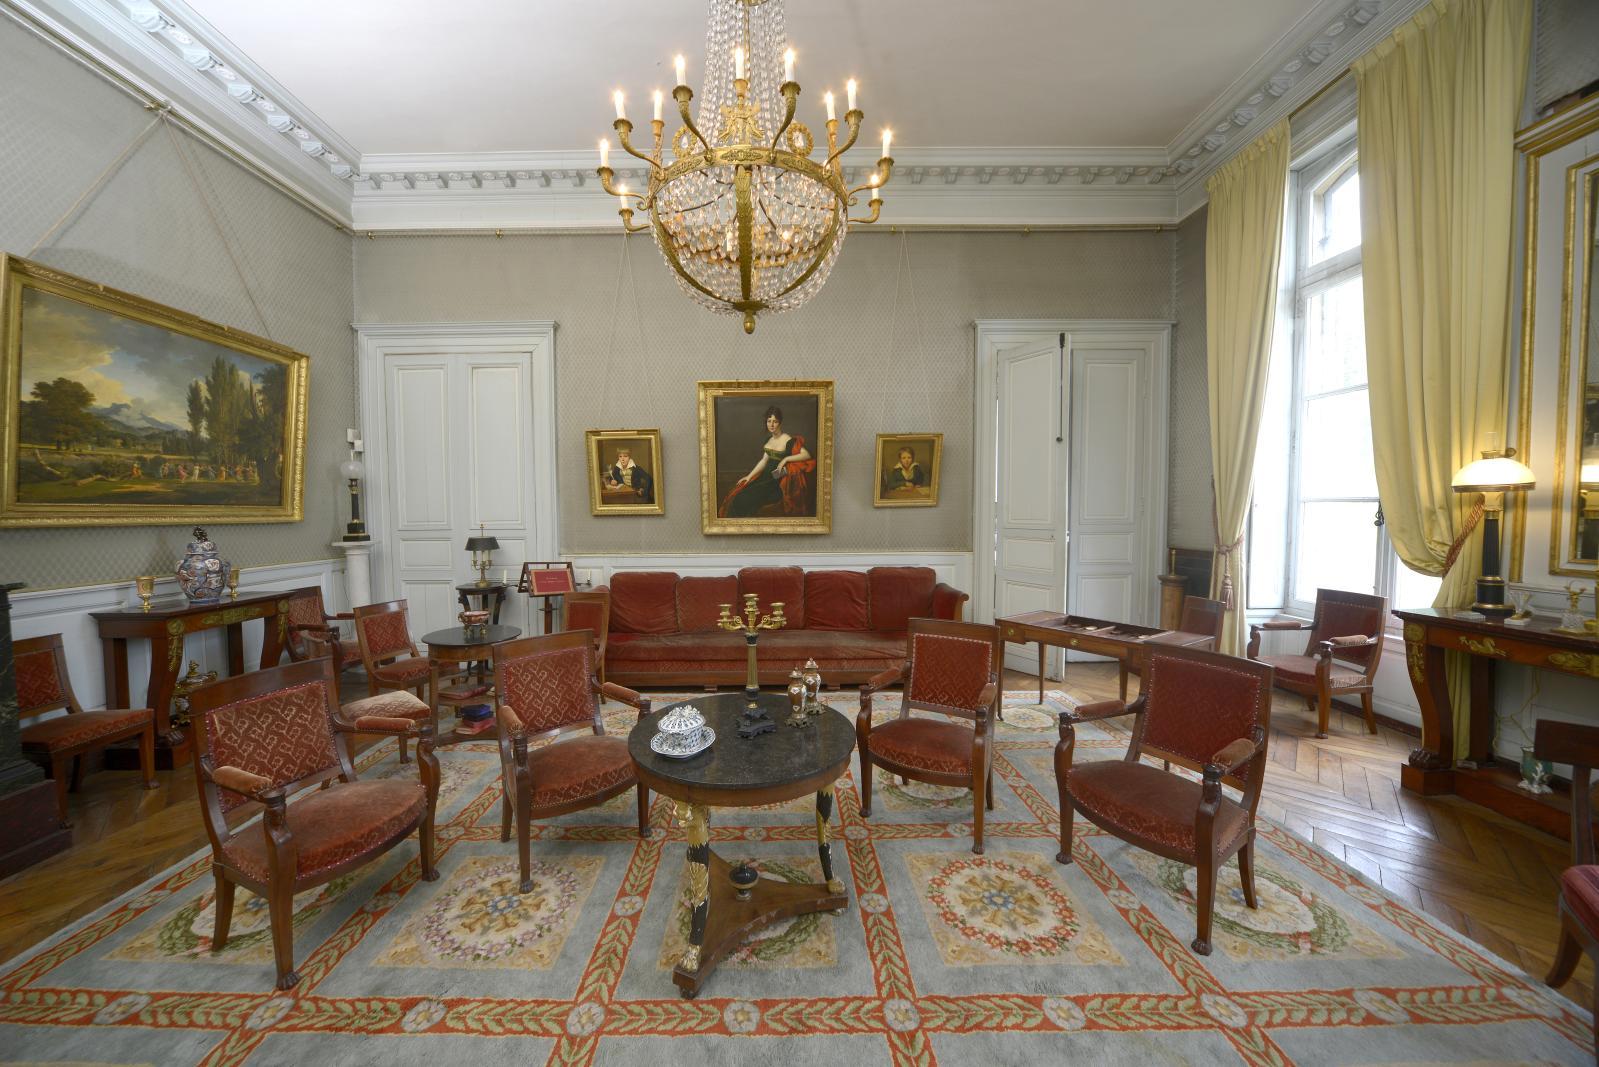 Vue du salon bleu, véritable period room consacrée aux premières années du XIXesiècle.